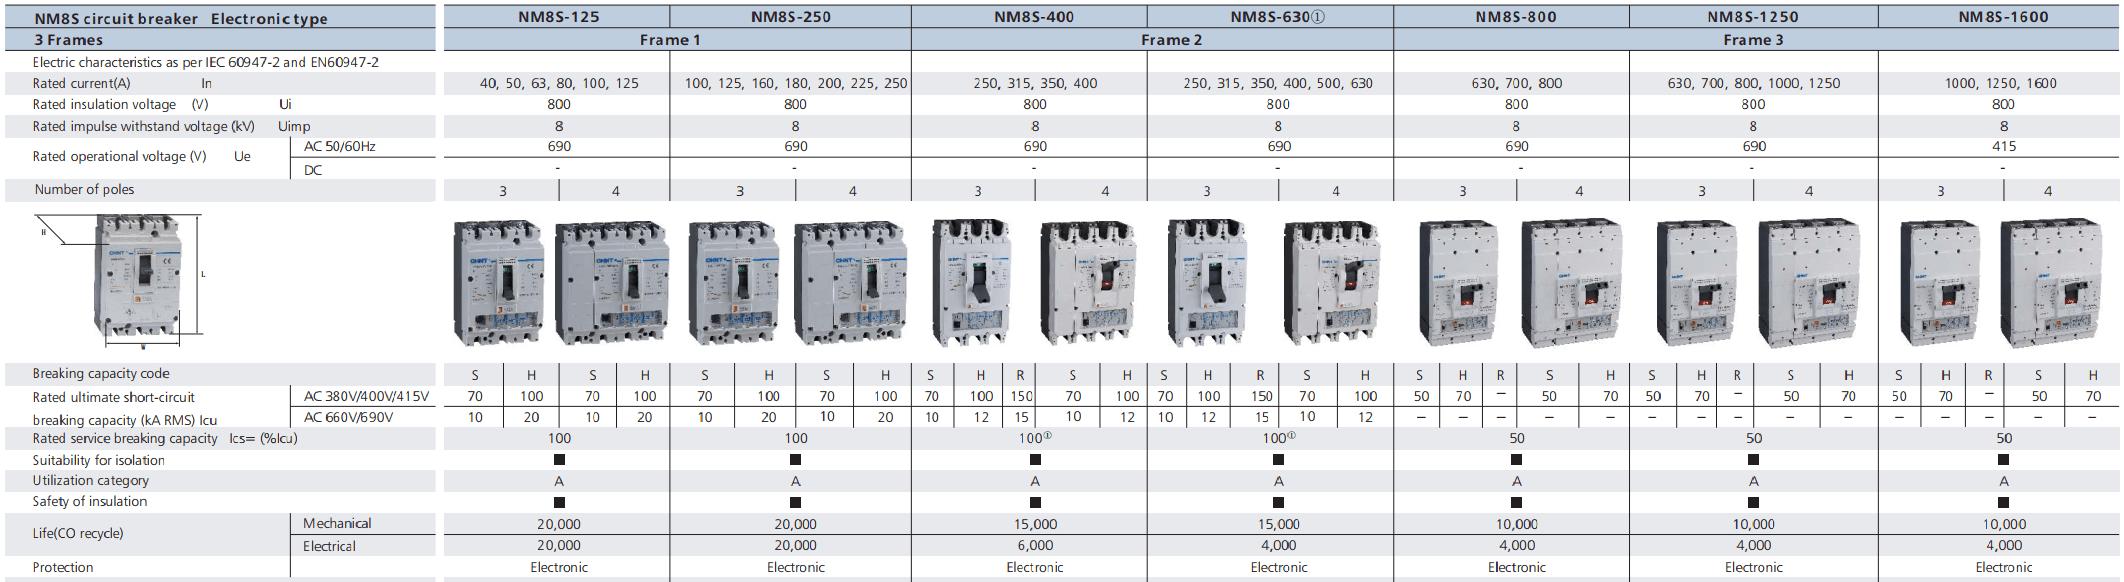 Thông số mccb nm8s